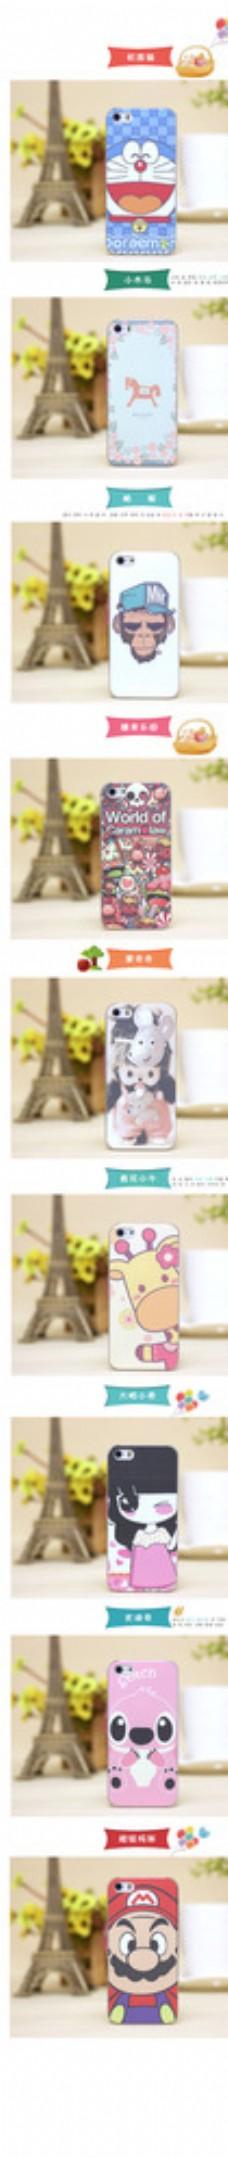 iPhone5手机壳详情页图片